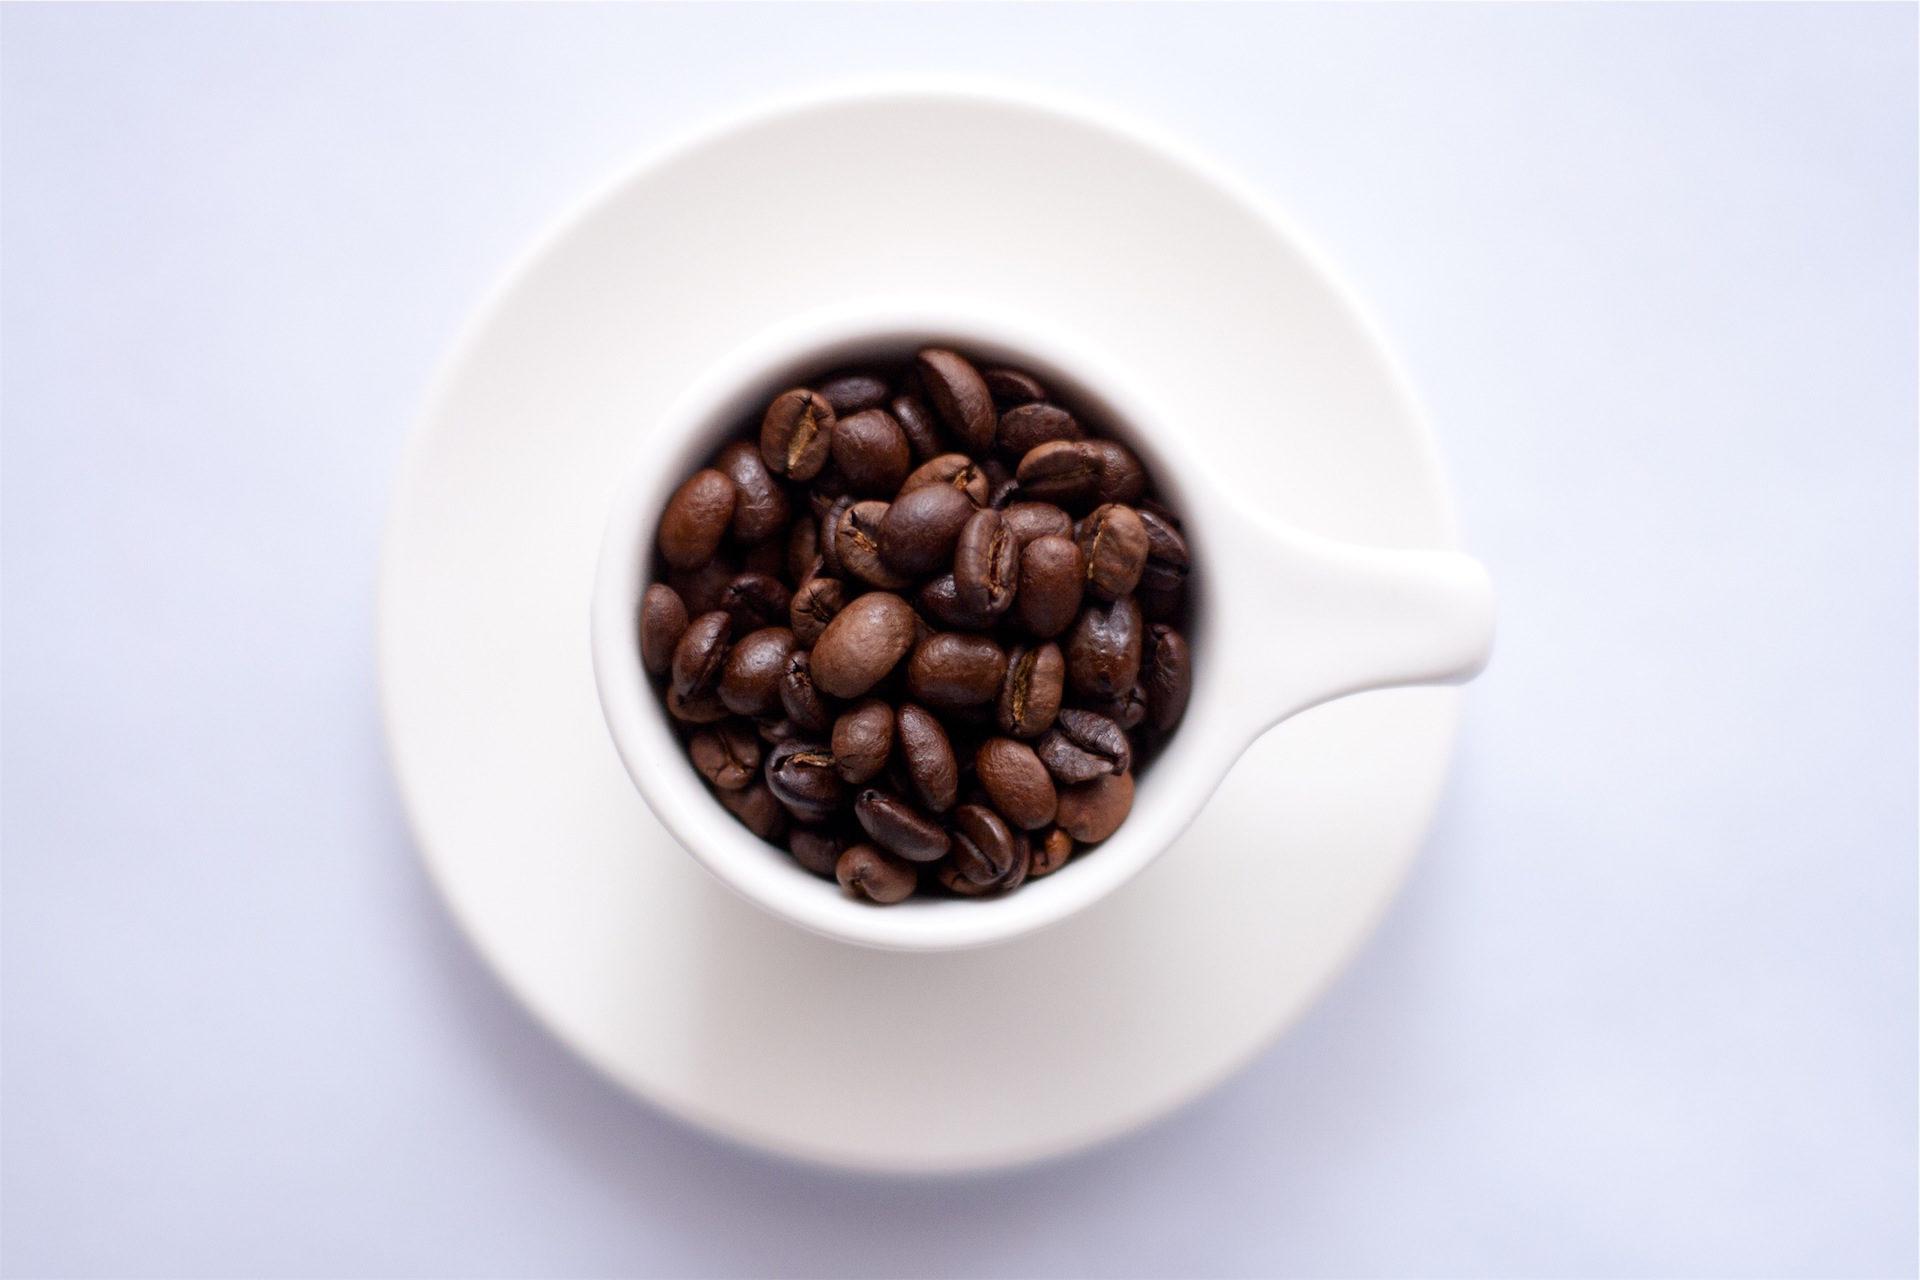 Coupe, café, grains de, plat, Blanc - Fonds d'écran HD - Professor-falken.com